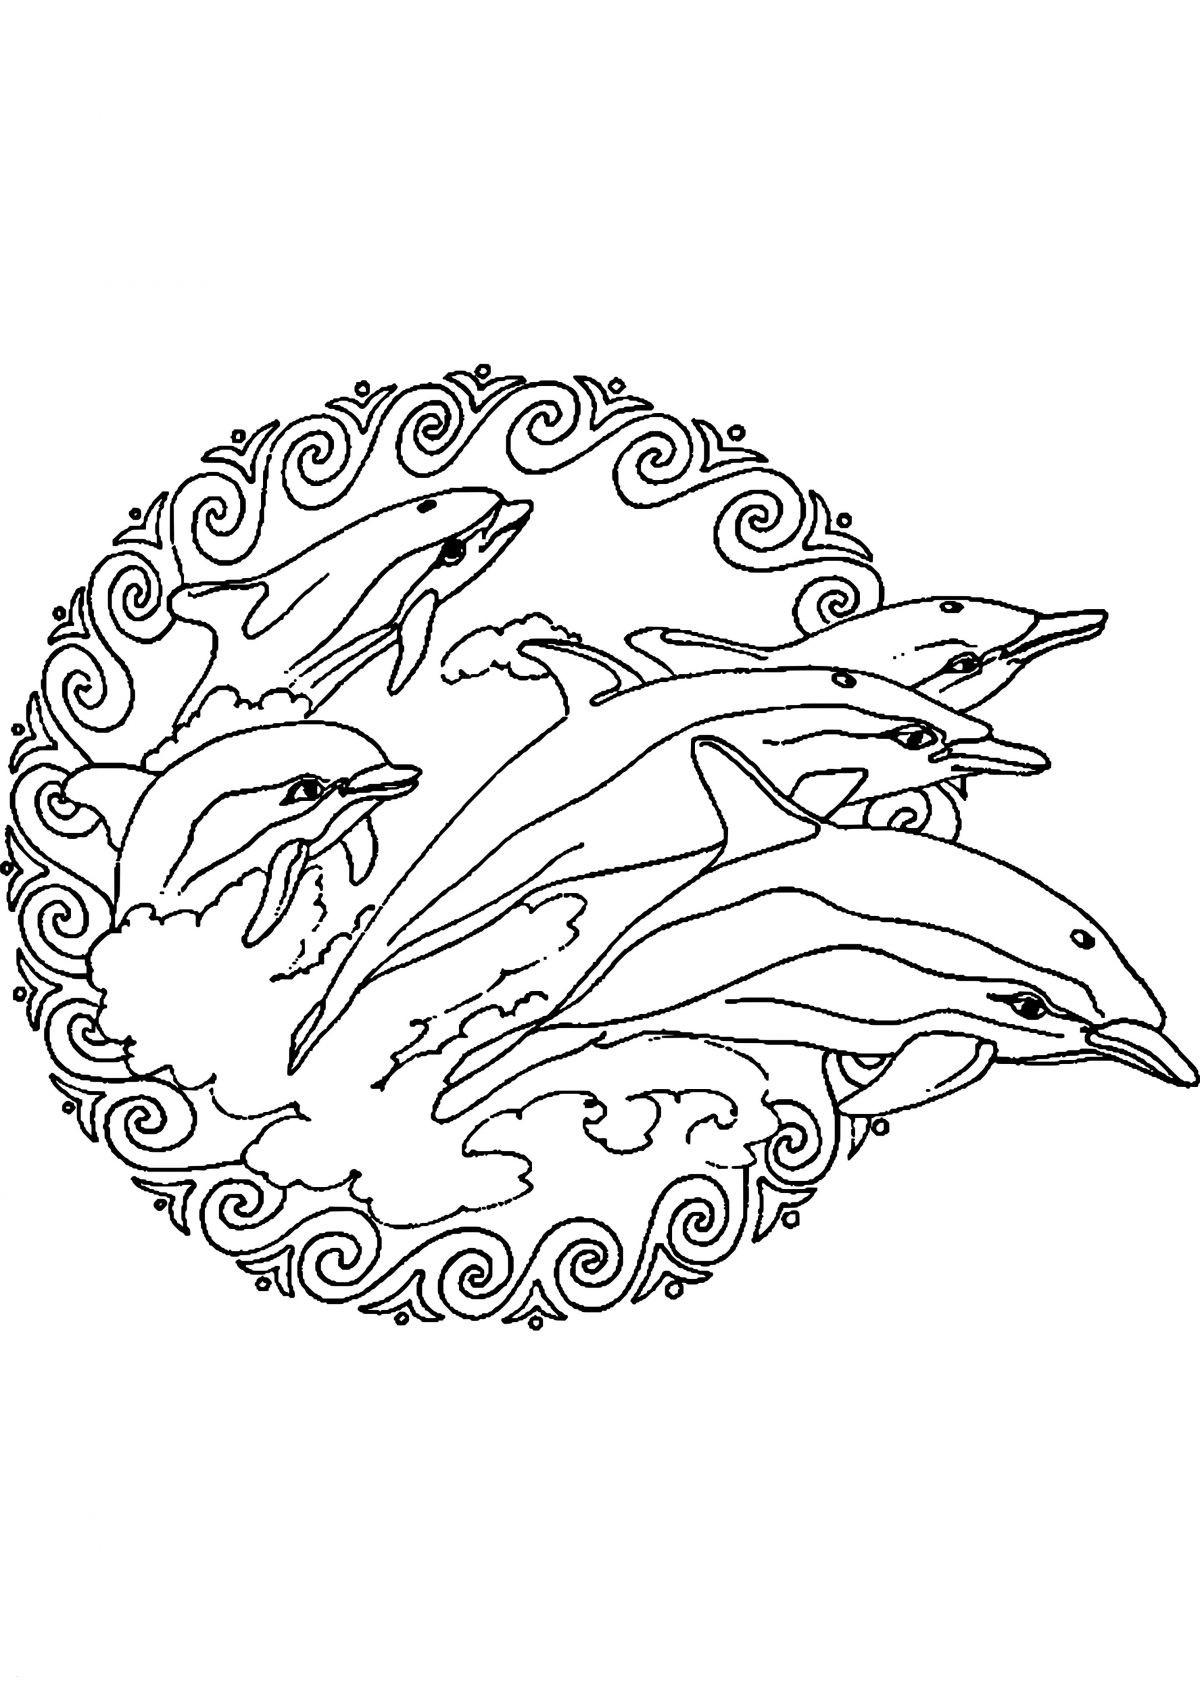 Ausmalbilder Delphine Zum Ausdrucken Frisch Ausmalbilder Meerjungfrau Und Delphin Elegant Meerjungfrau Bilder